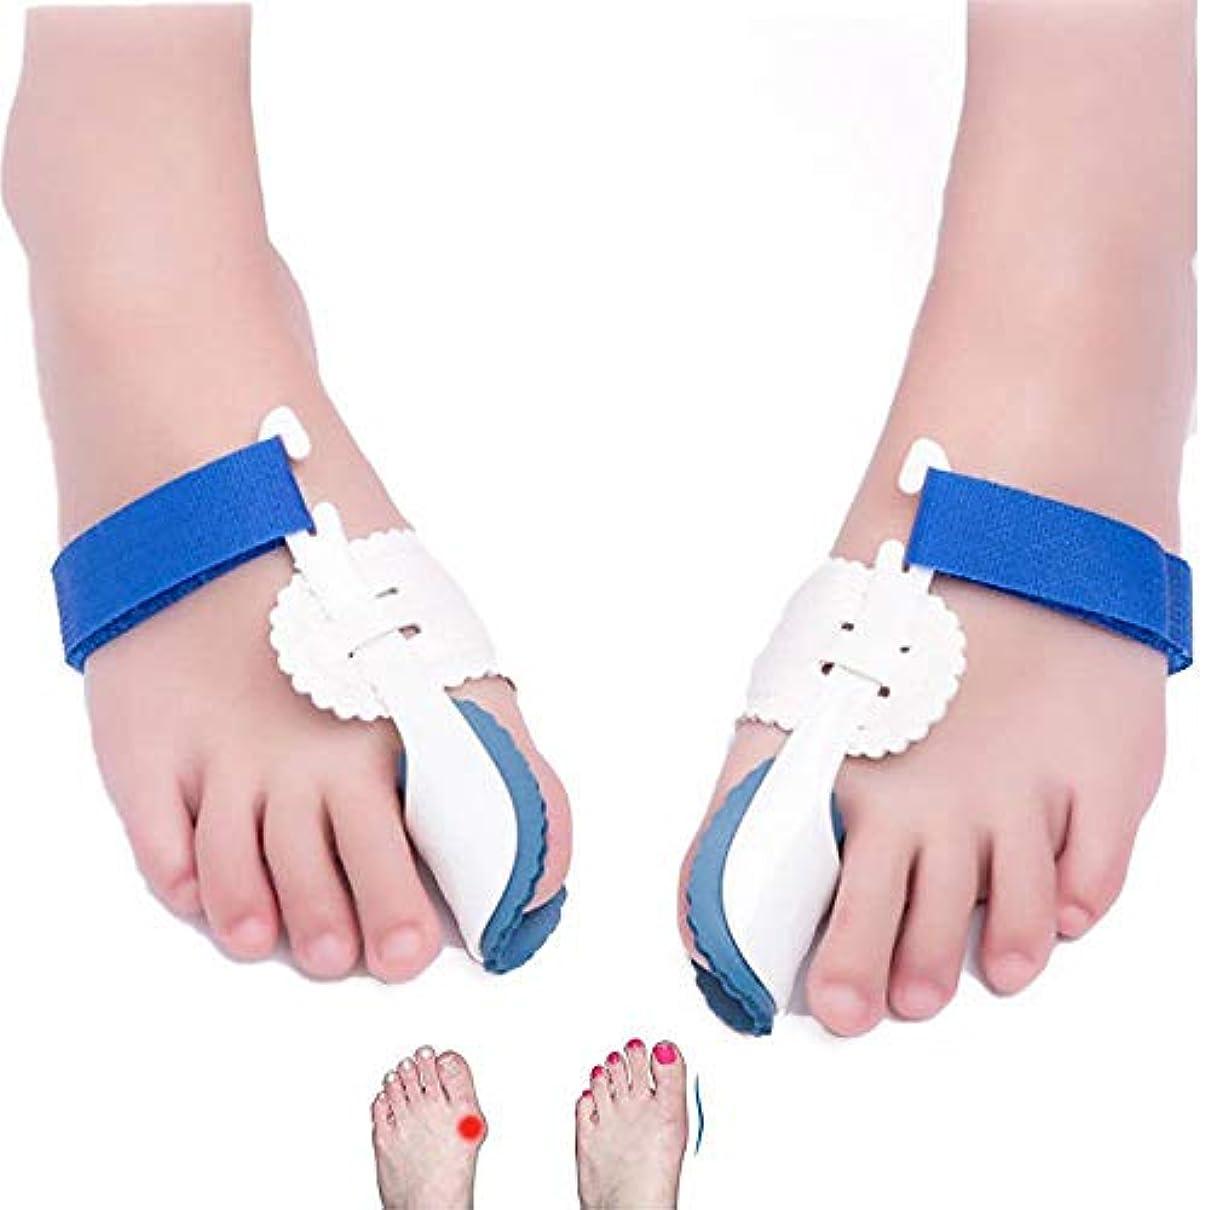 ドック線キャンペーン親指外反矯正器、調整可能な腱弓補正器 外反母趾腱膜補助矯正 つま先セパレータープロテクターとして機能します。 フットケア 男性&女性向け